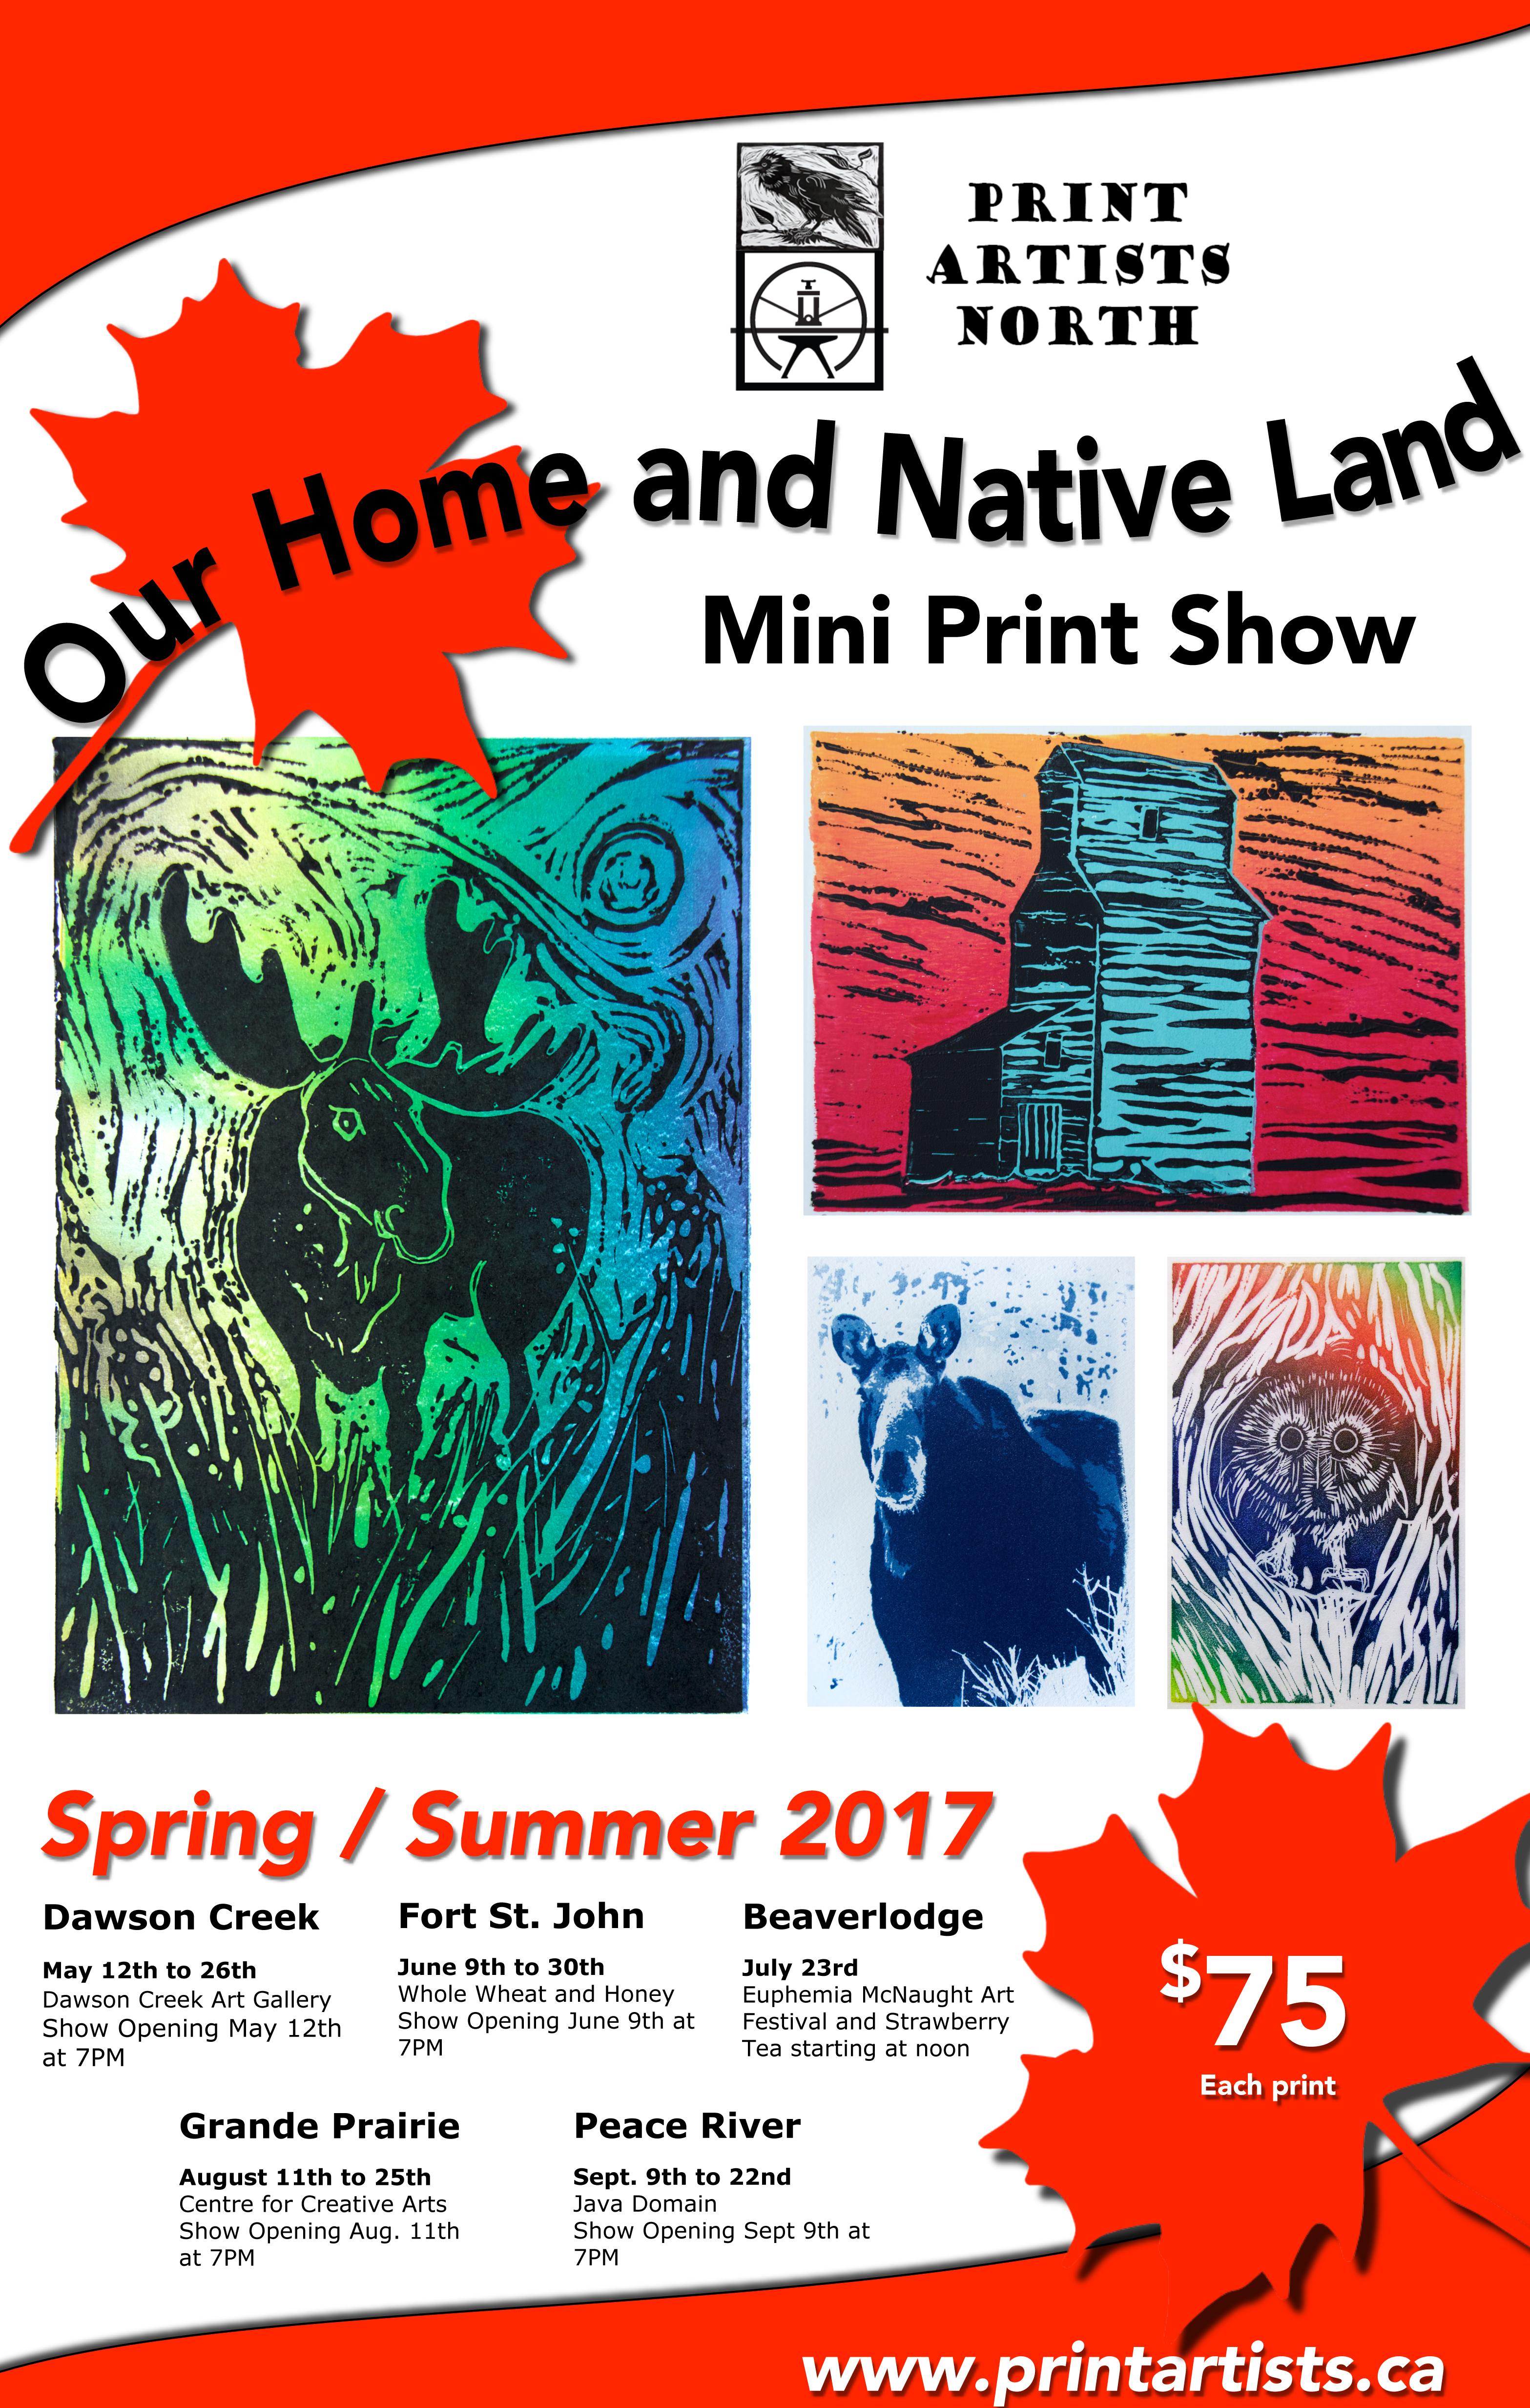 miniprint poster